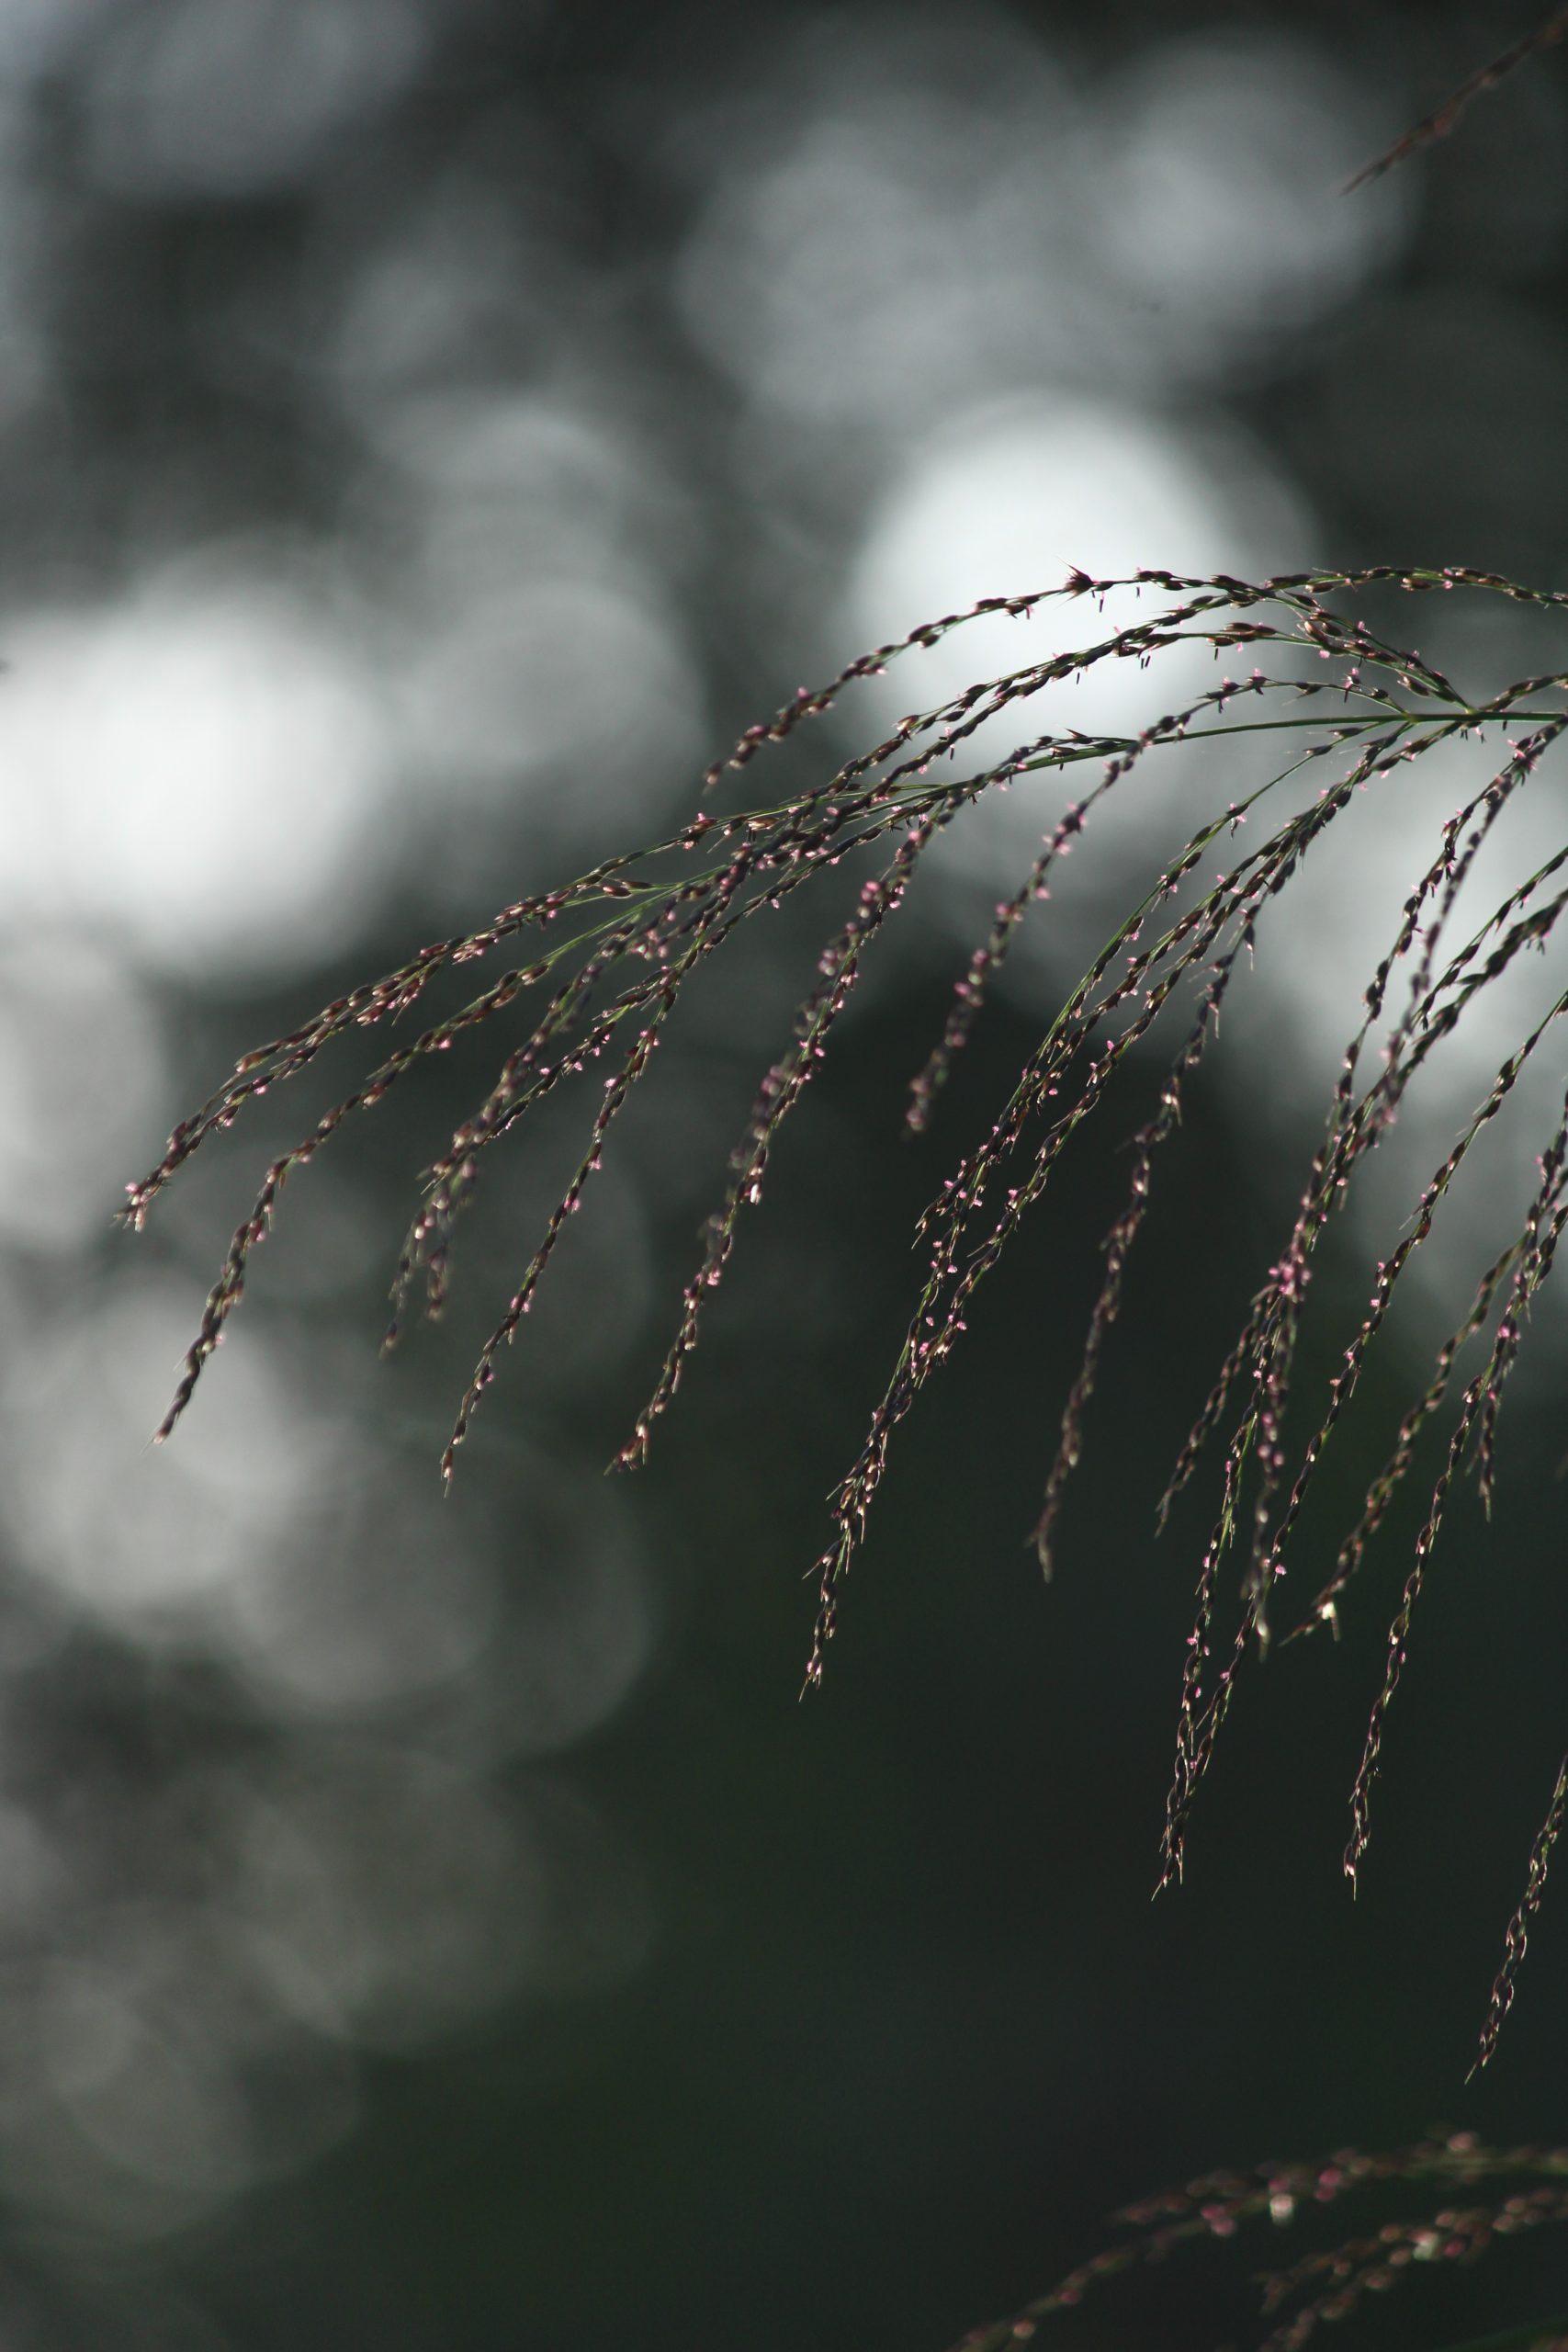 Burrs Leaf on Focus